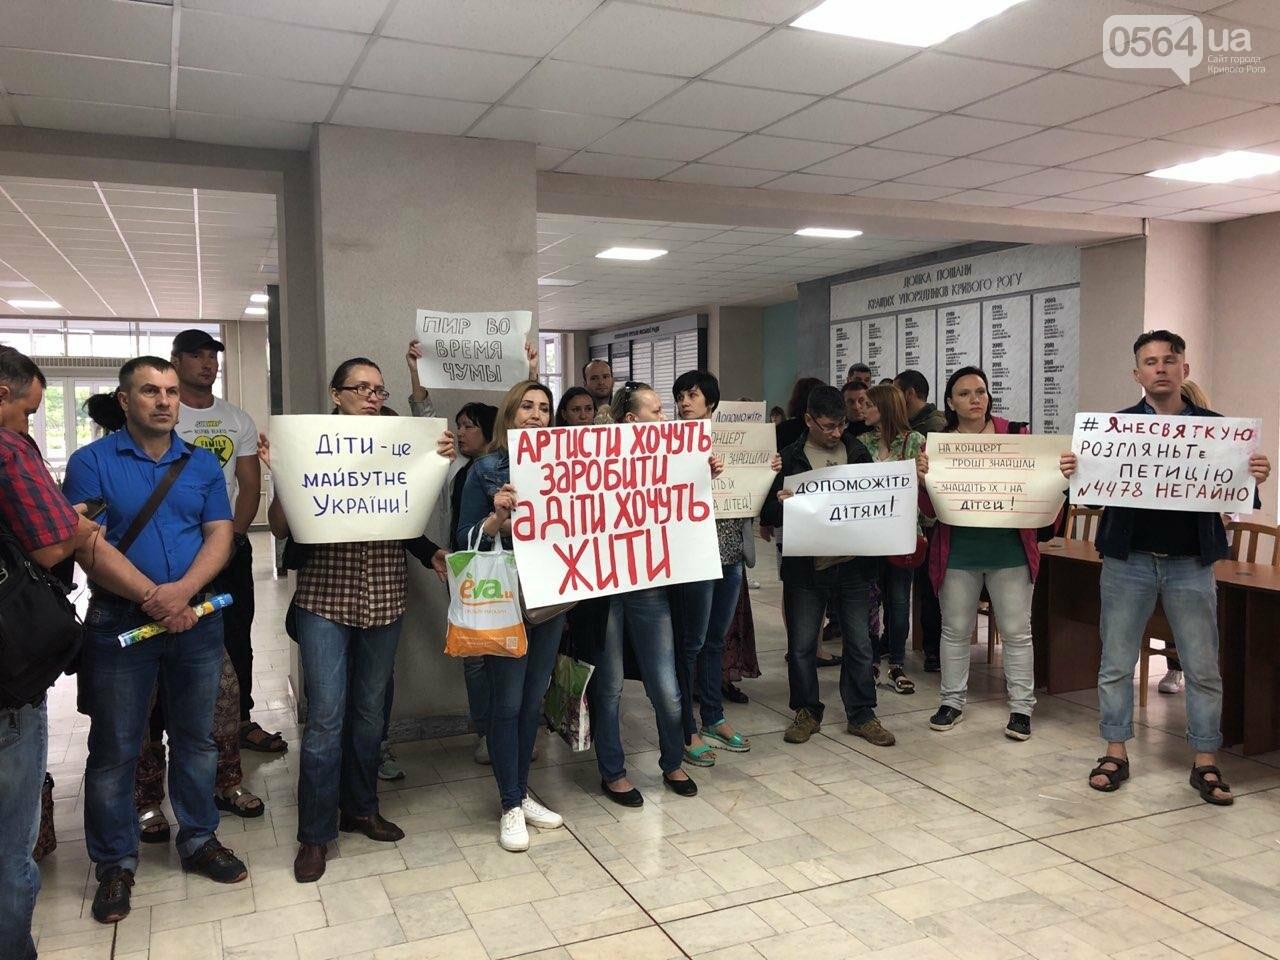 Криворожан, поддерживающих петицию о выделении 4 млн. онкобольным детям, не пустили в сессионный зал, - ФОТО, фото-4